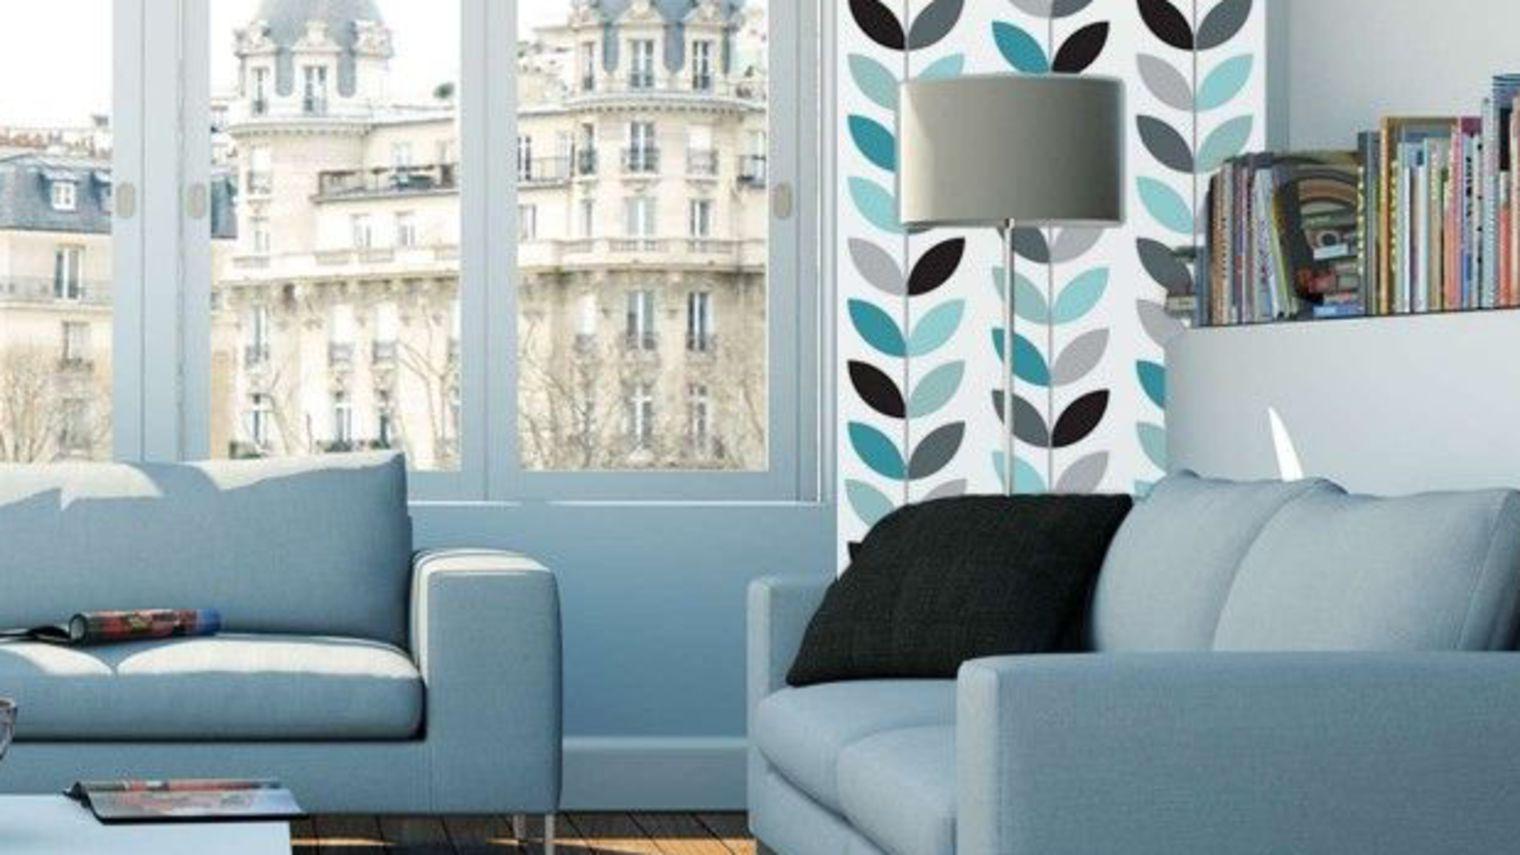 Décoration maison peinture papier peint - Exemples d'aménagements